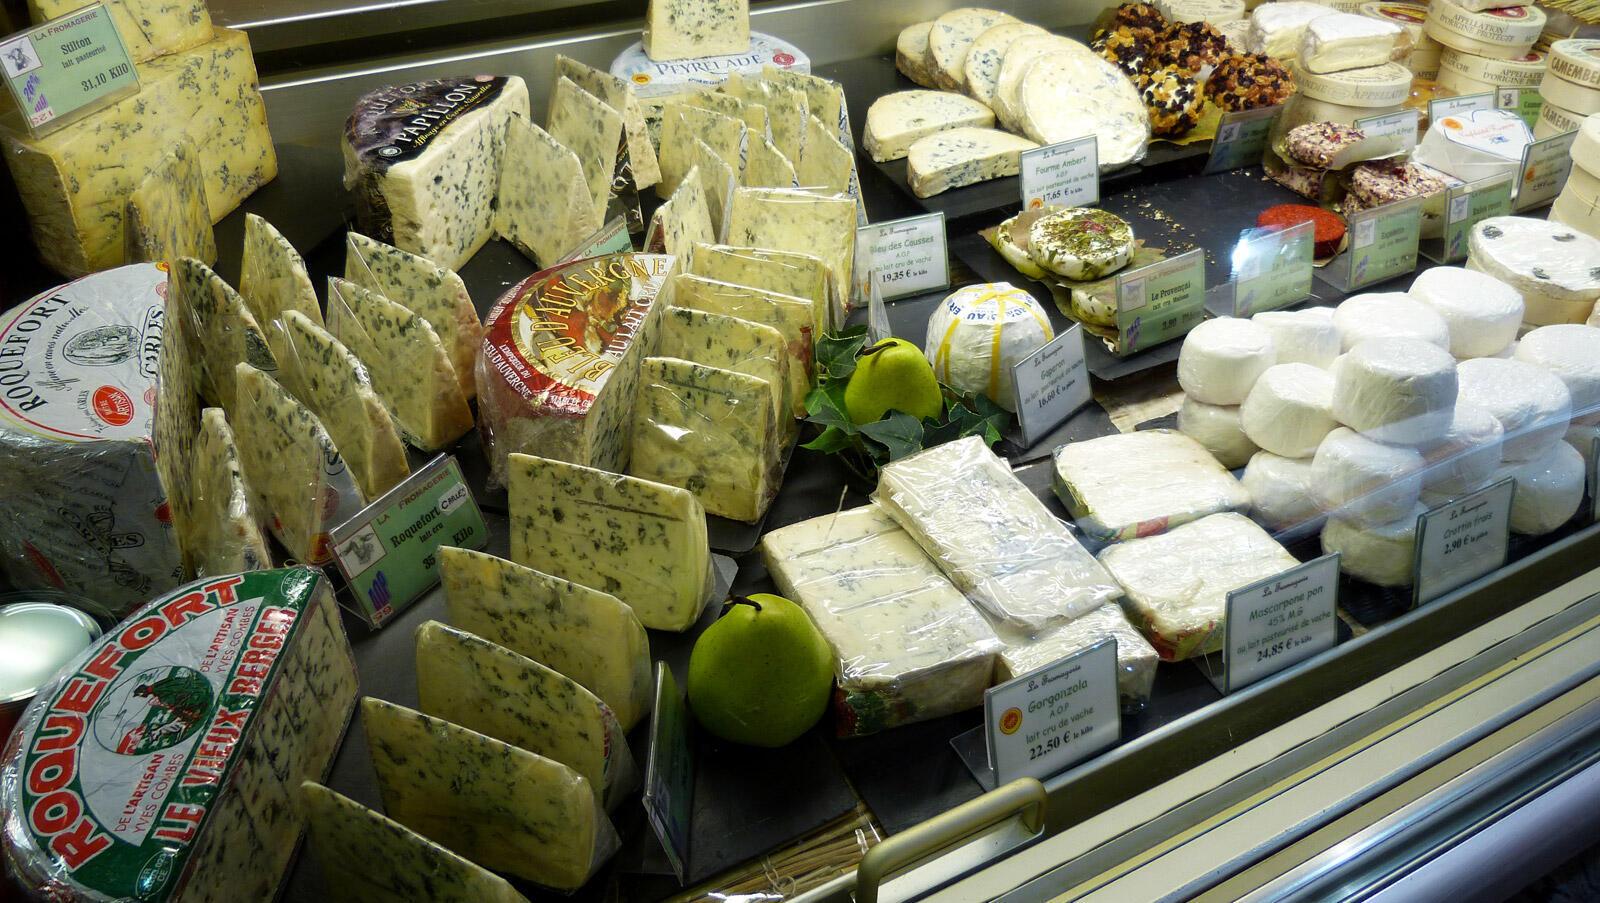 Une douzaine de fromages français était concernée par cette mesure, principalement des fromages à pâte molle.